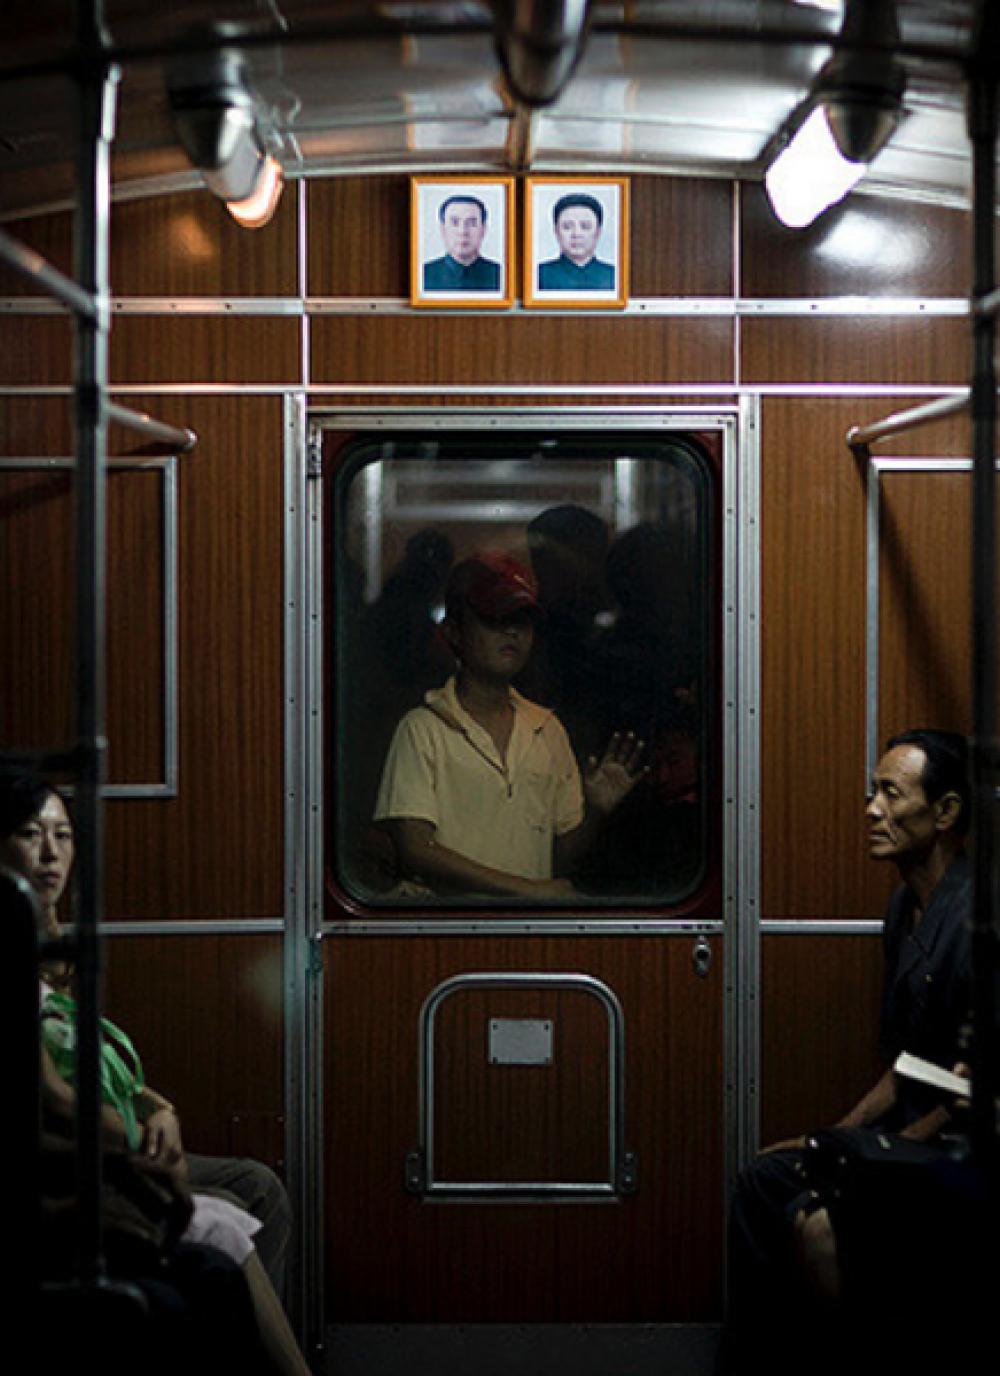 Эрик Лаффорг (Франция). Метро Пхеньяна. Северная Корея. 2014